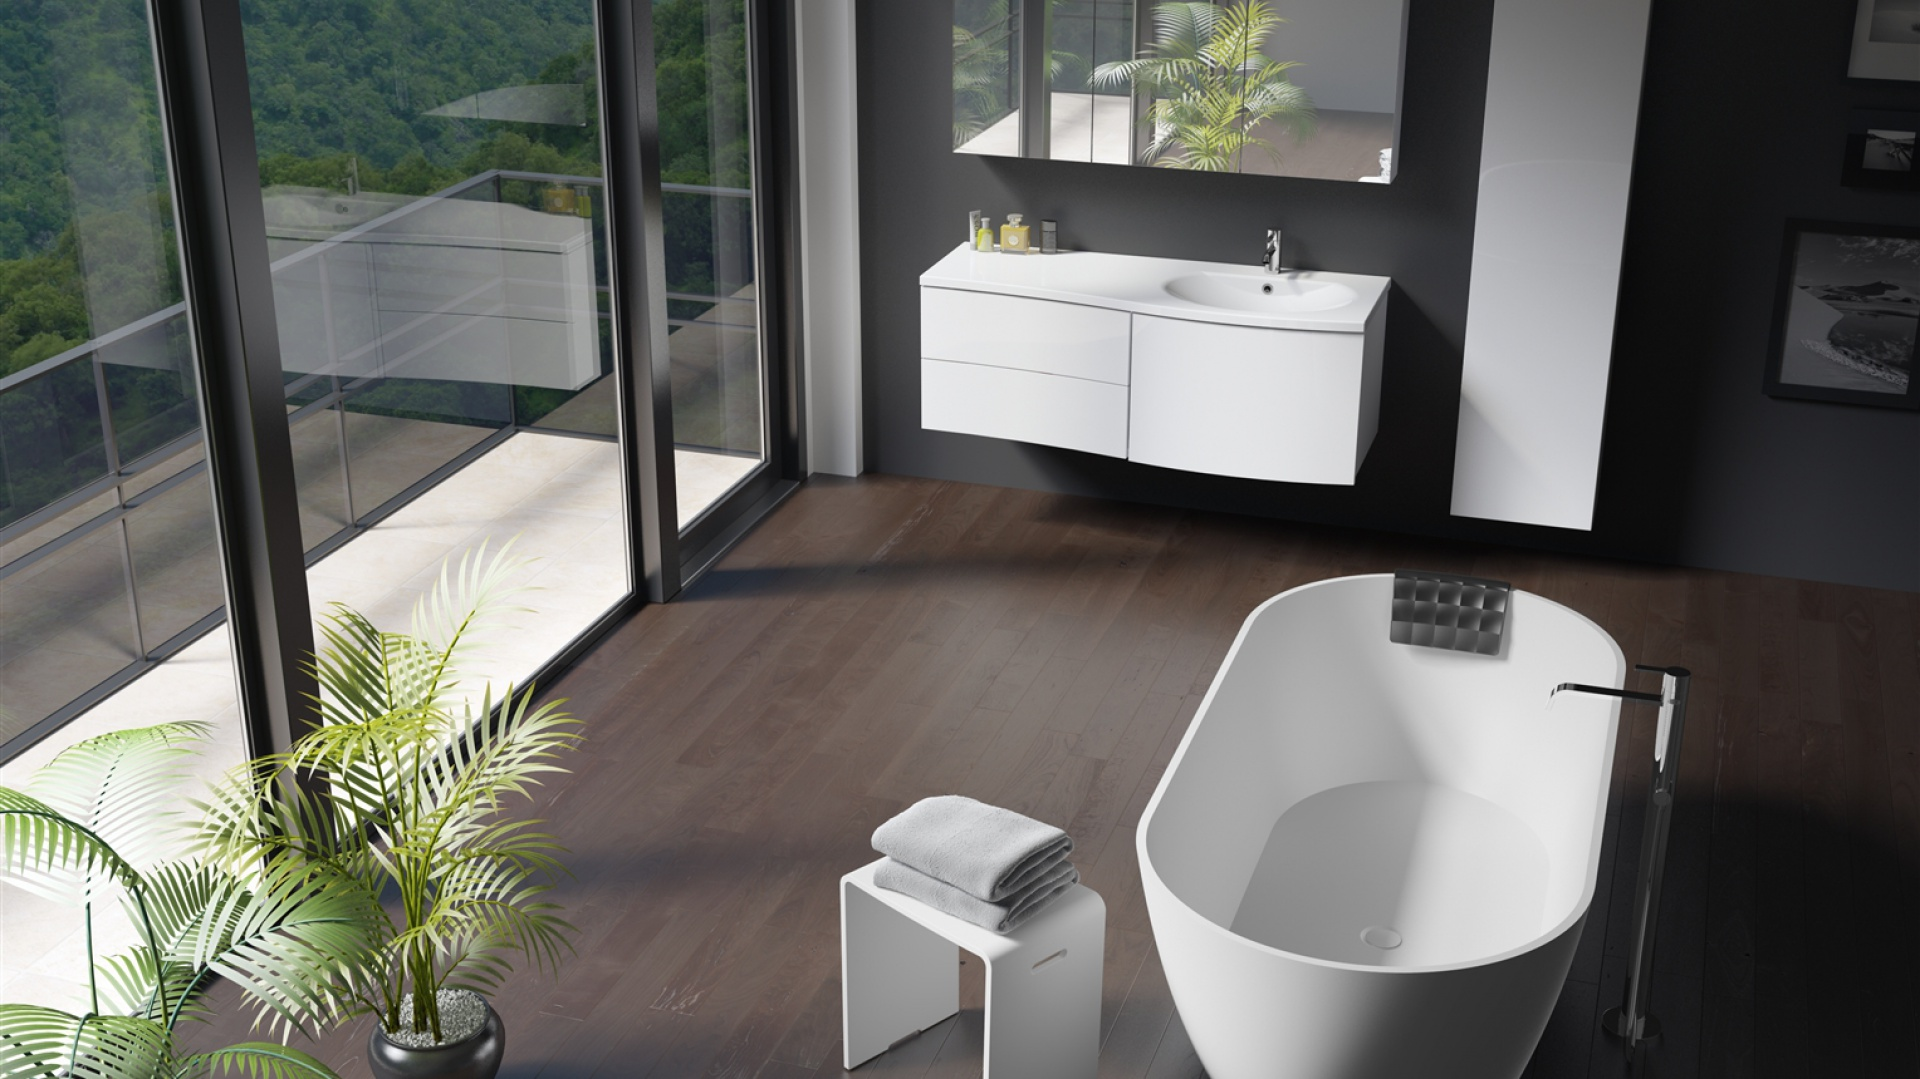 W takiej wannie kąpiel z olejkami będzie samą przyjemnością. Modem marki RIHO, SolidSurface, Bilbao 170 FIN. Fot. Riho.